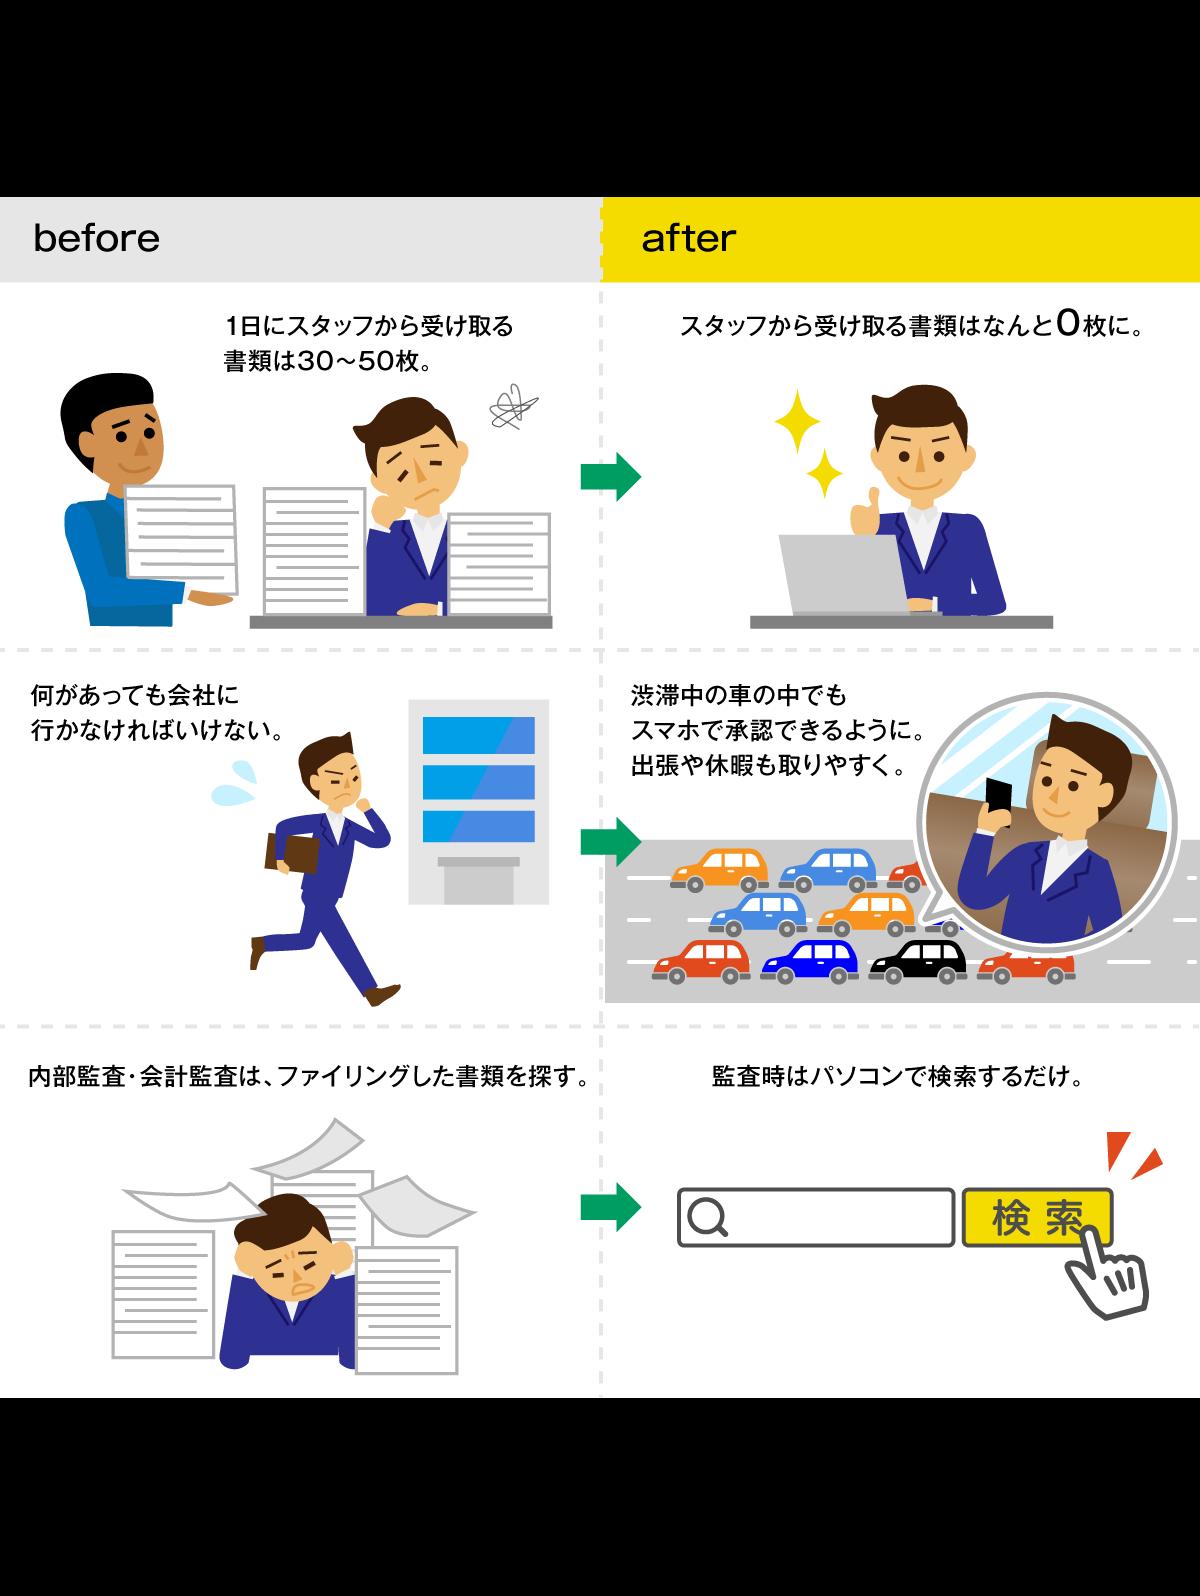 日系企業の海外拠点でのkintone利用例(フィリピン)